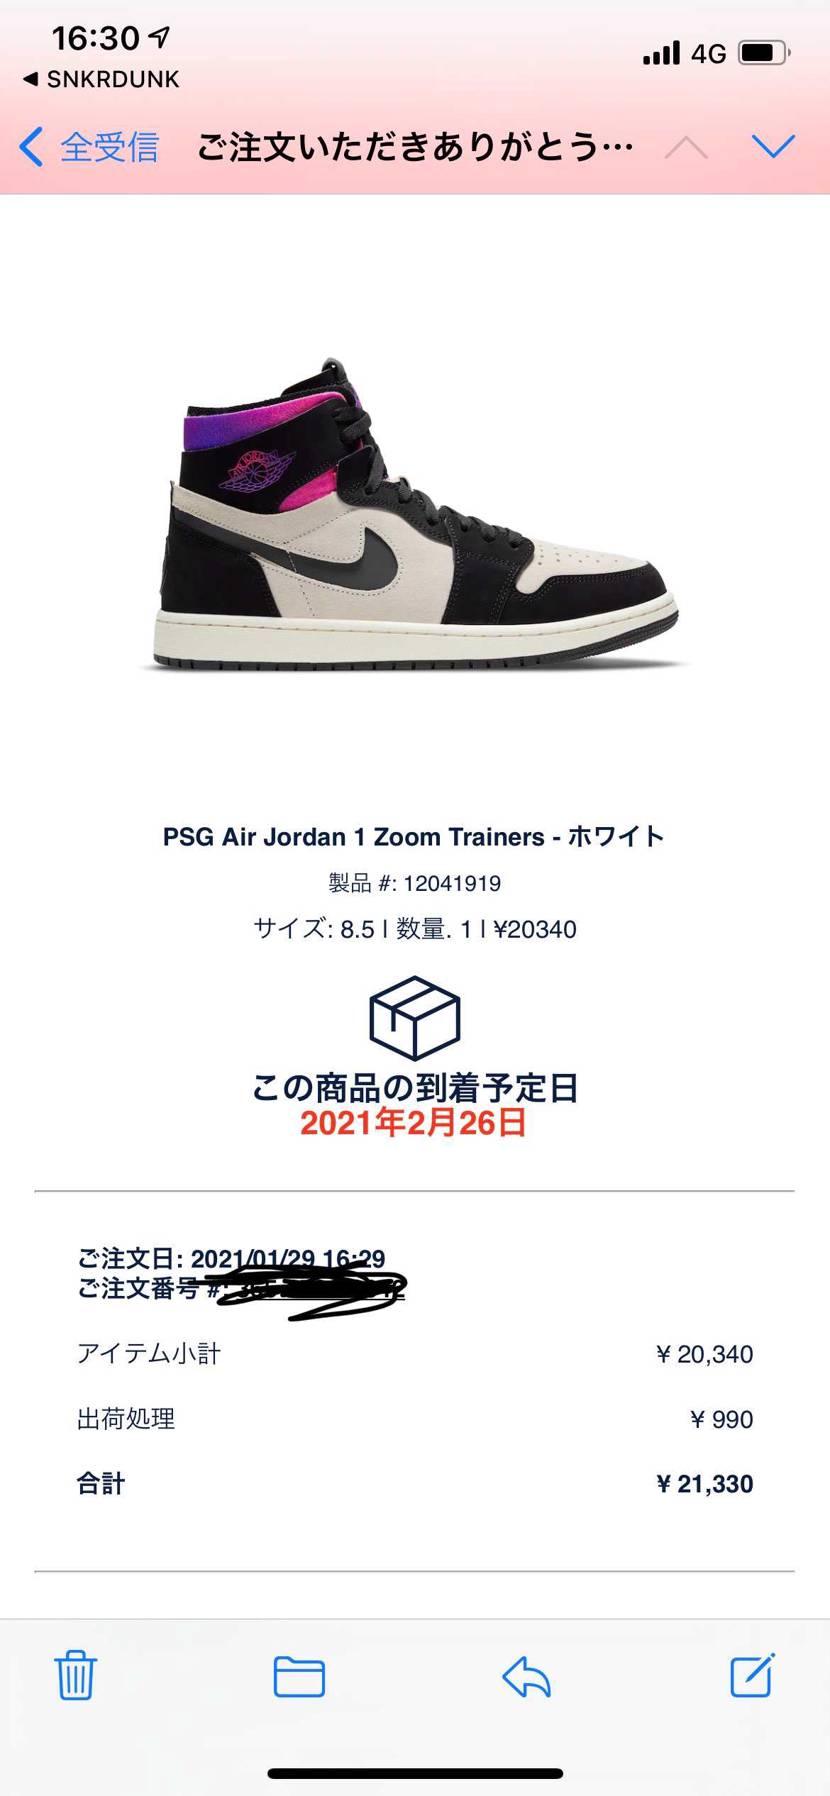 お、時間少し早いけど出たぞ… 買えたのか、はたまたちゃんと(日本大丈夫だよね?